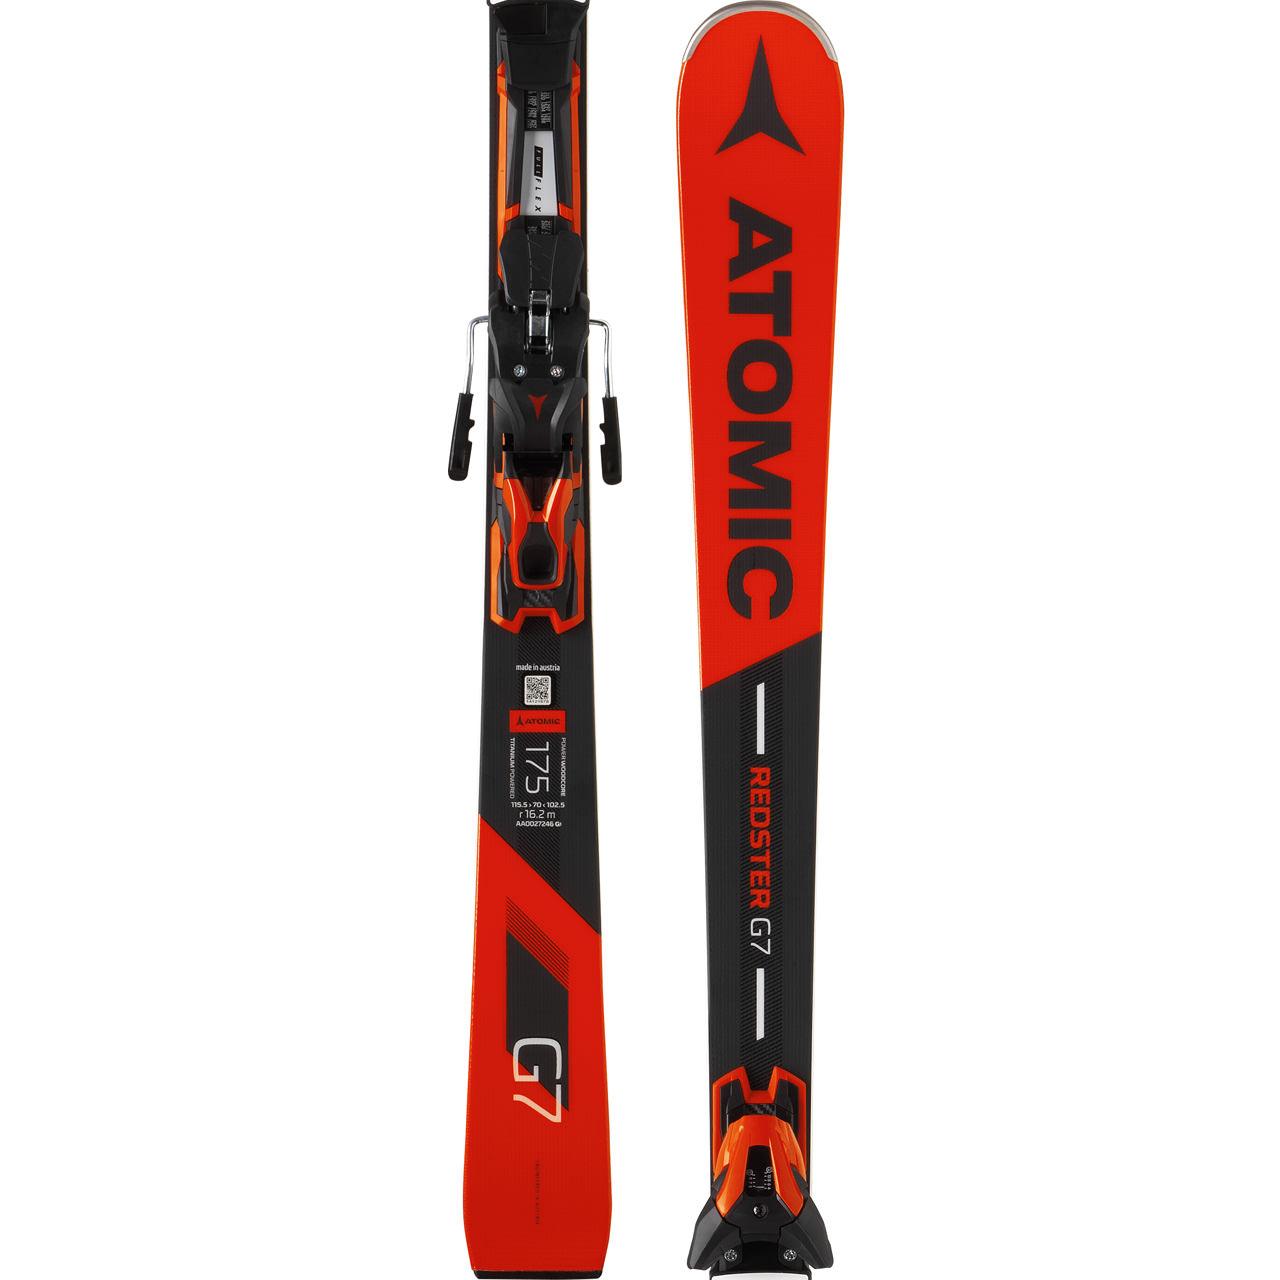 4ffd97a181035b Auslaufmodelle Ski - Skier kaufen